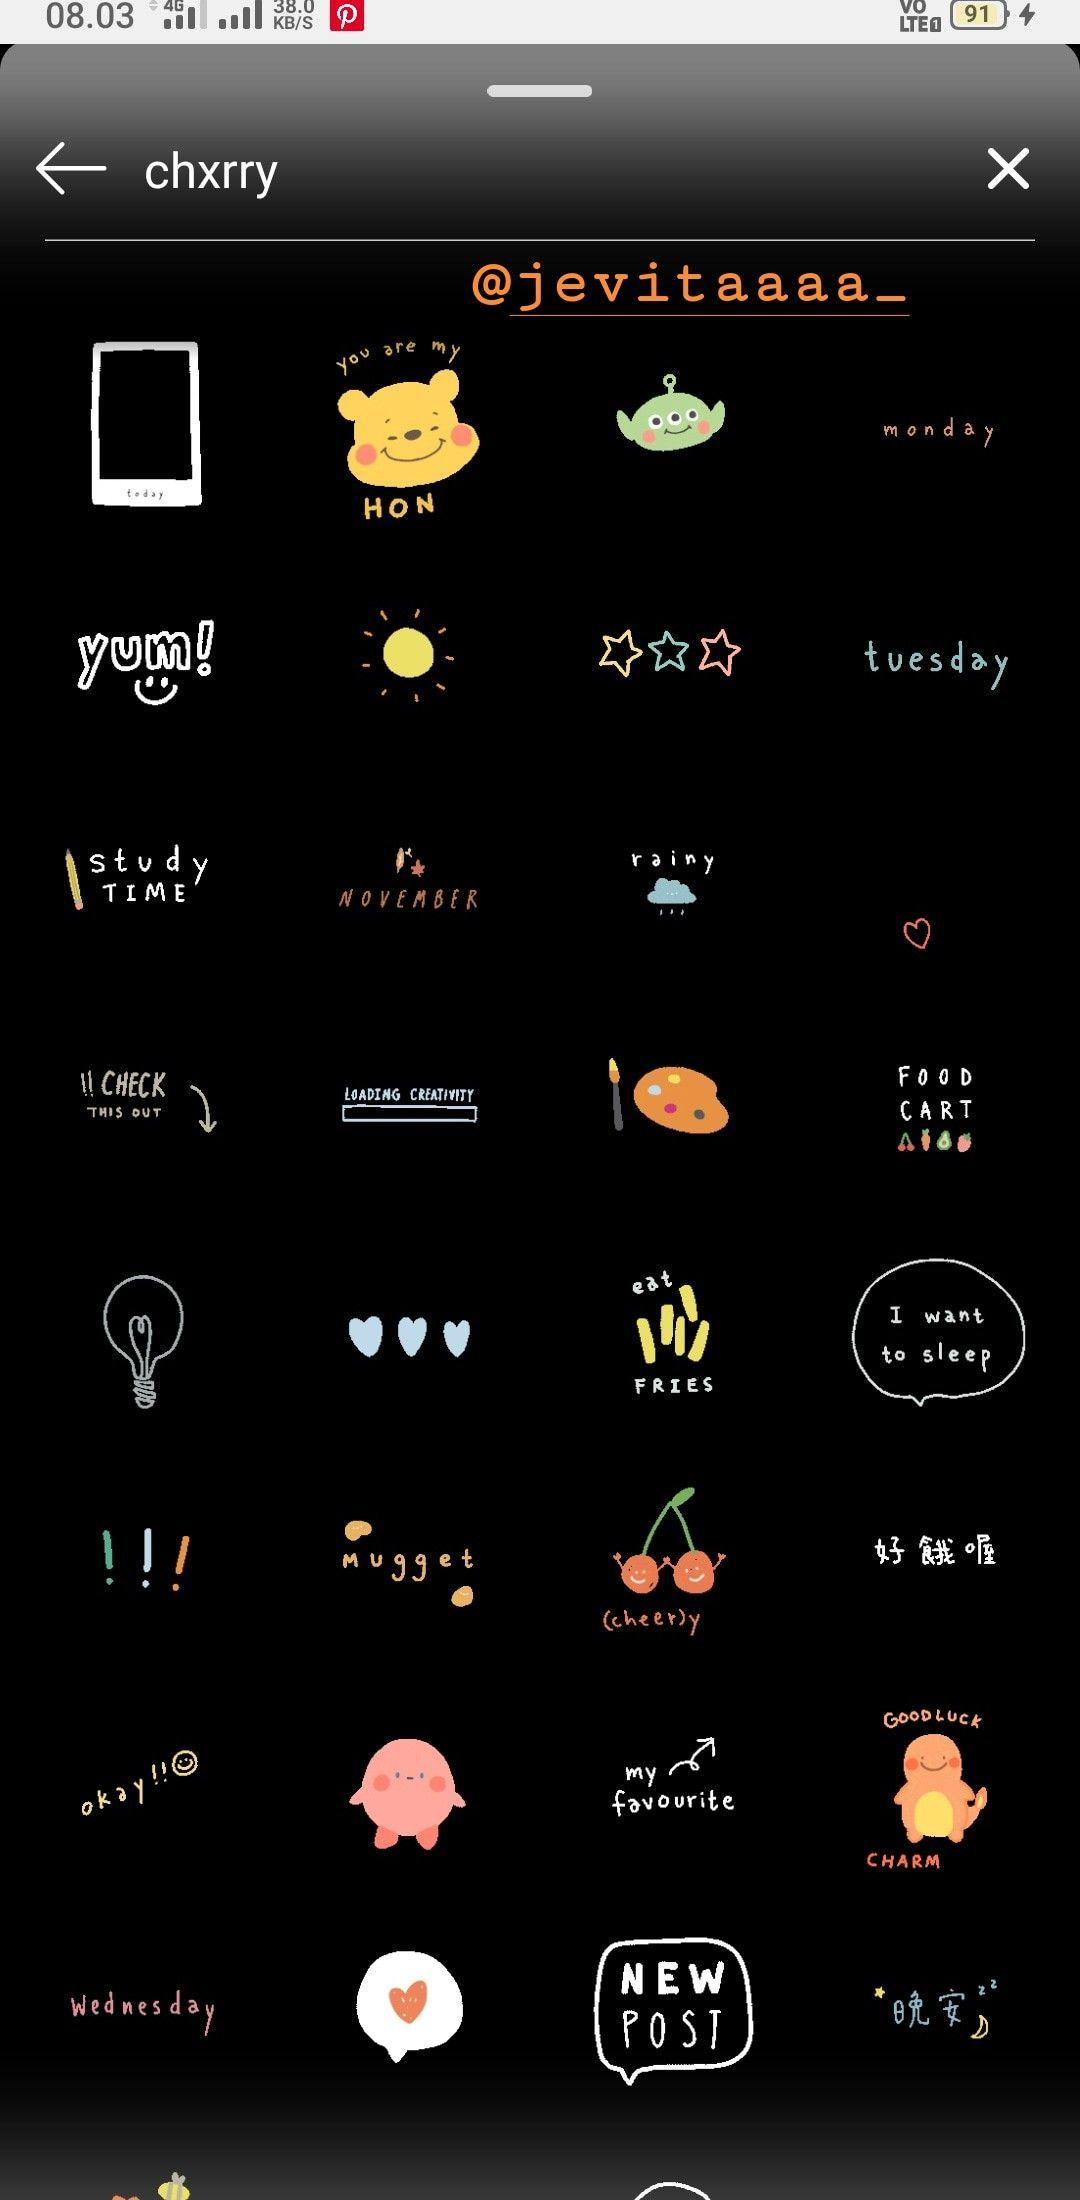 Pin De Gabriela G Em Instagram Em 2020 Ideias Instagram Frases